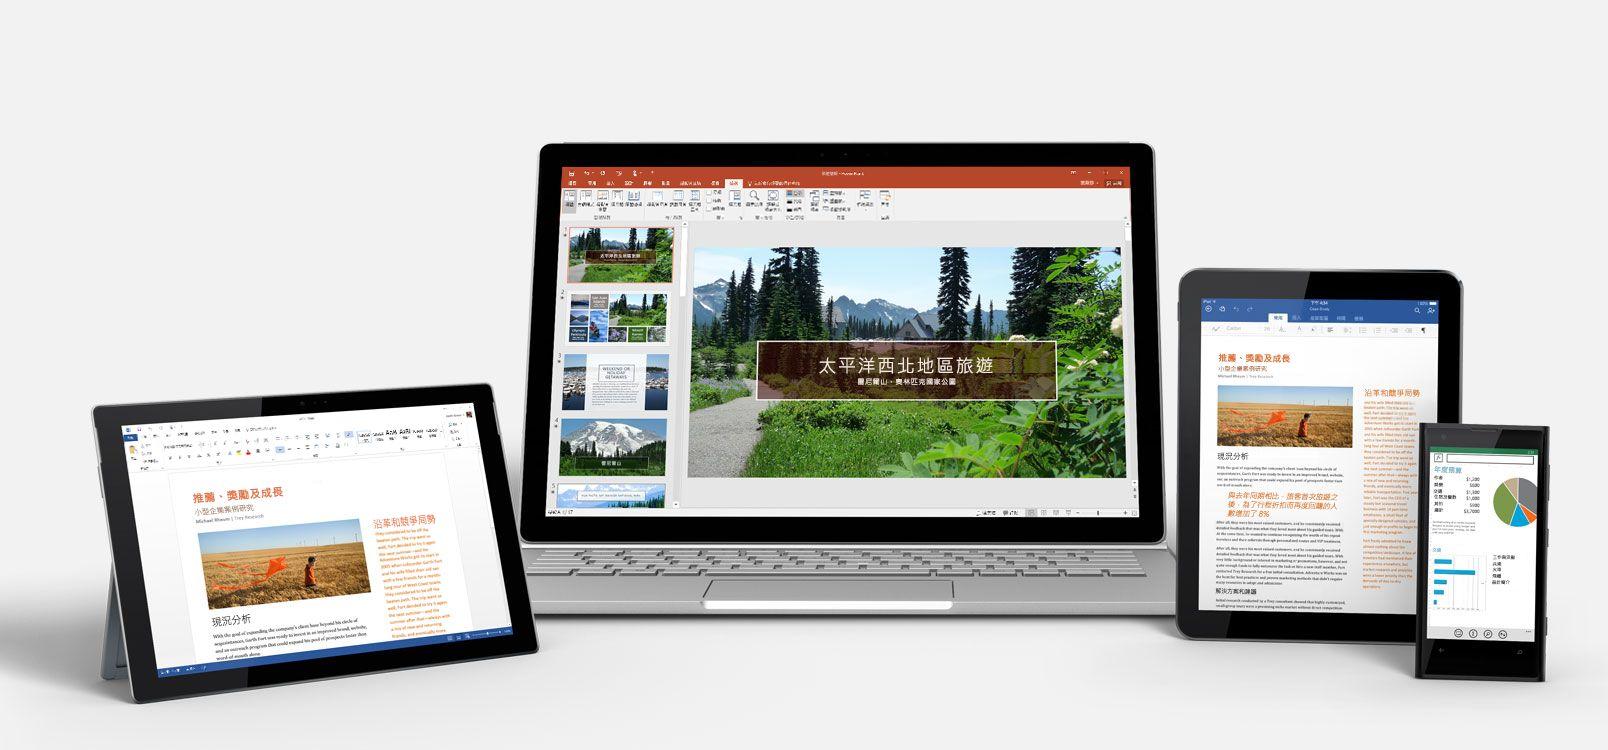 顯示都在使用 Office 365 的 Windows 平板電腦、膝上型電腦、iPad 及智慧型手機。